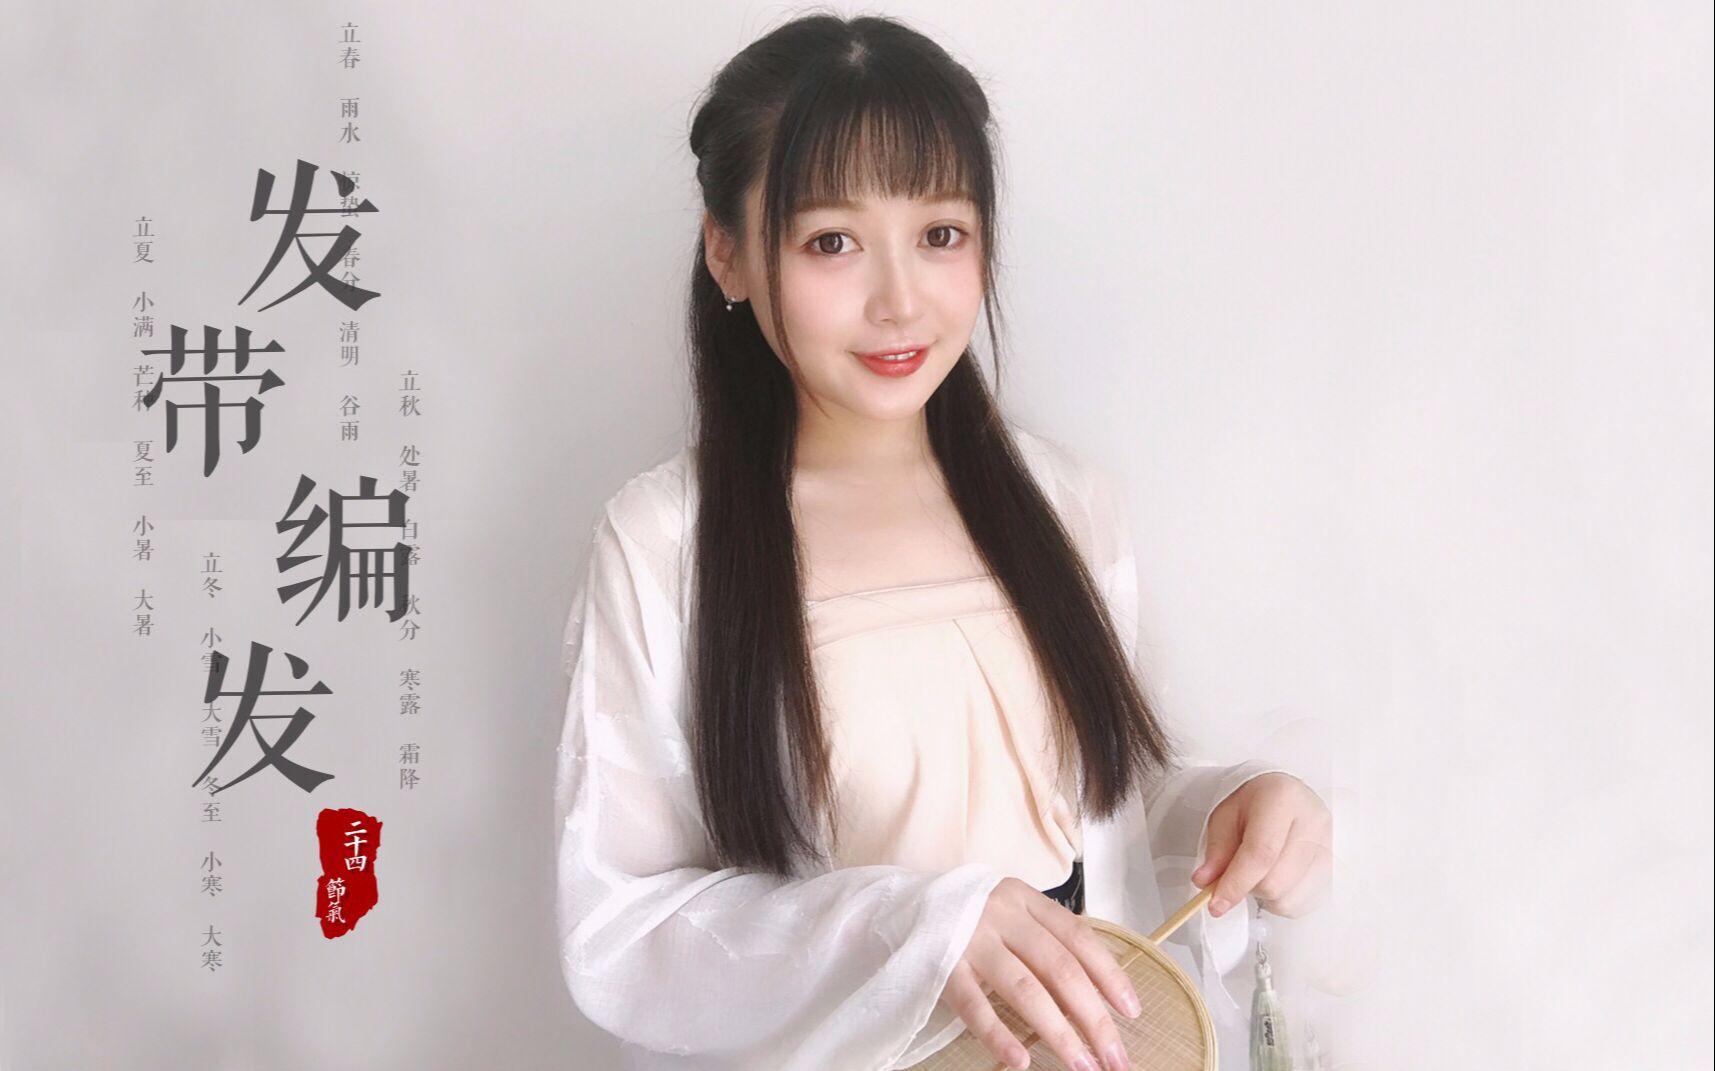 【肉肉仙君】手残党の汉服发型教程/发带编发/夏季褙子发型教程